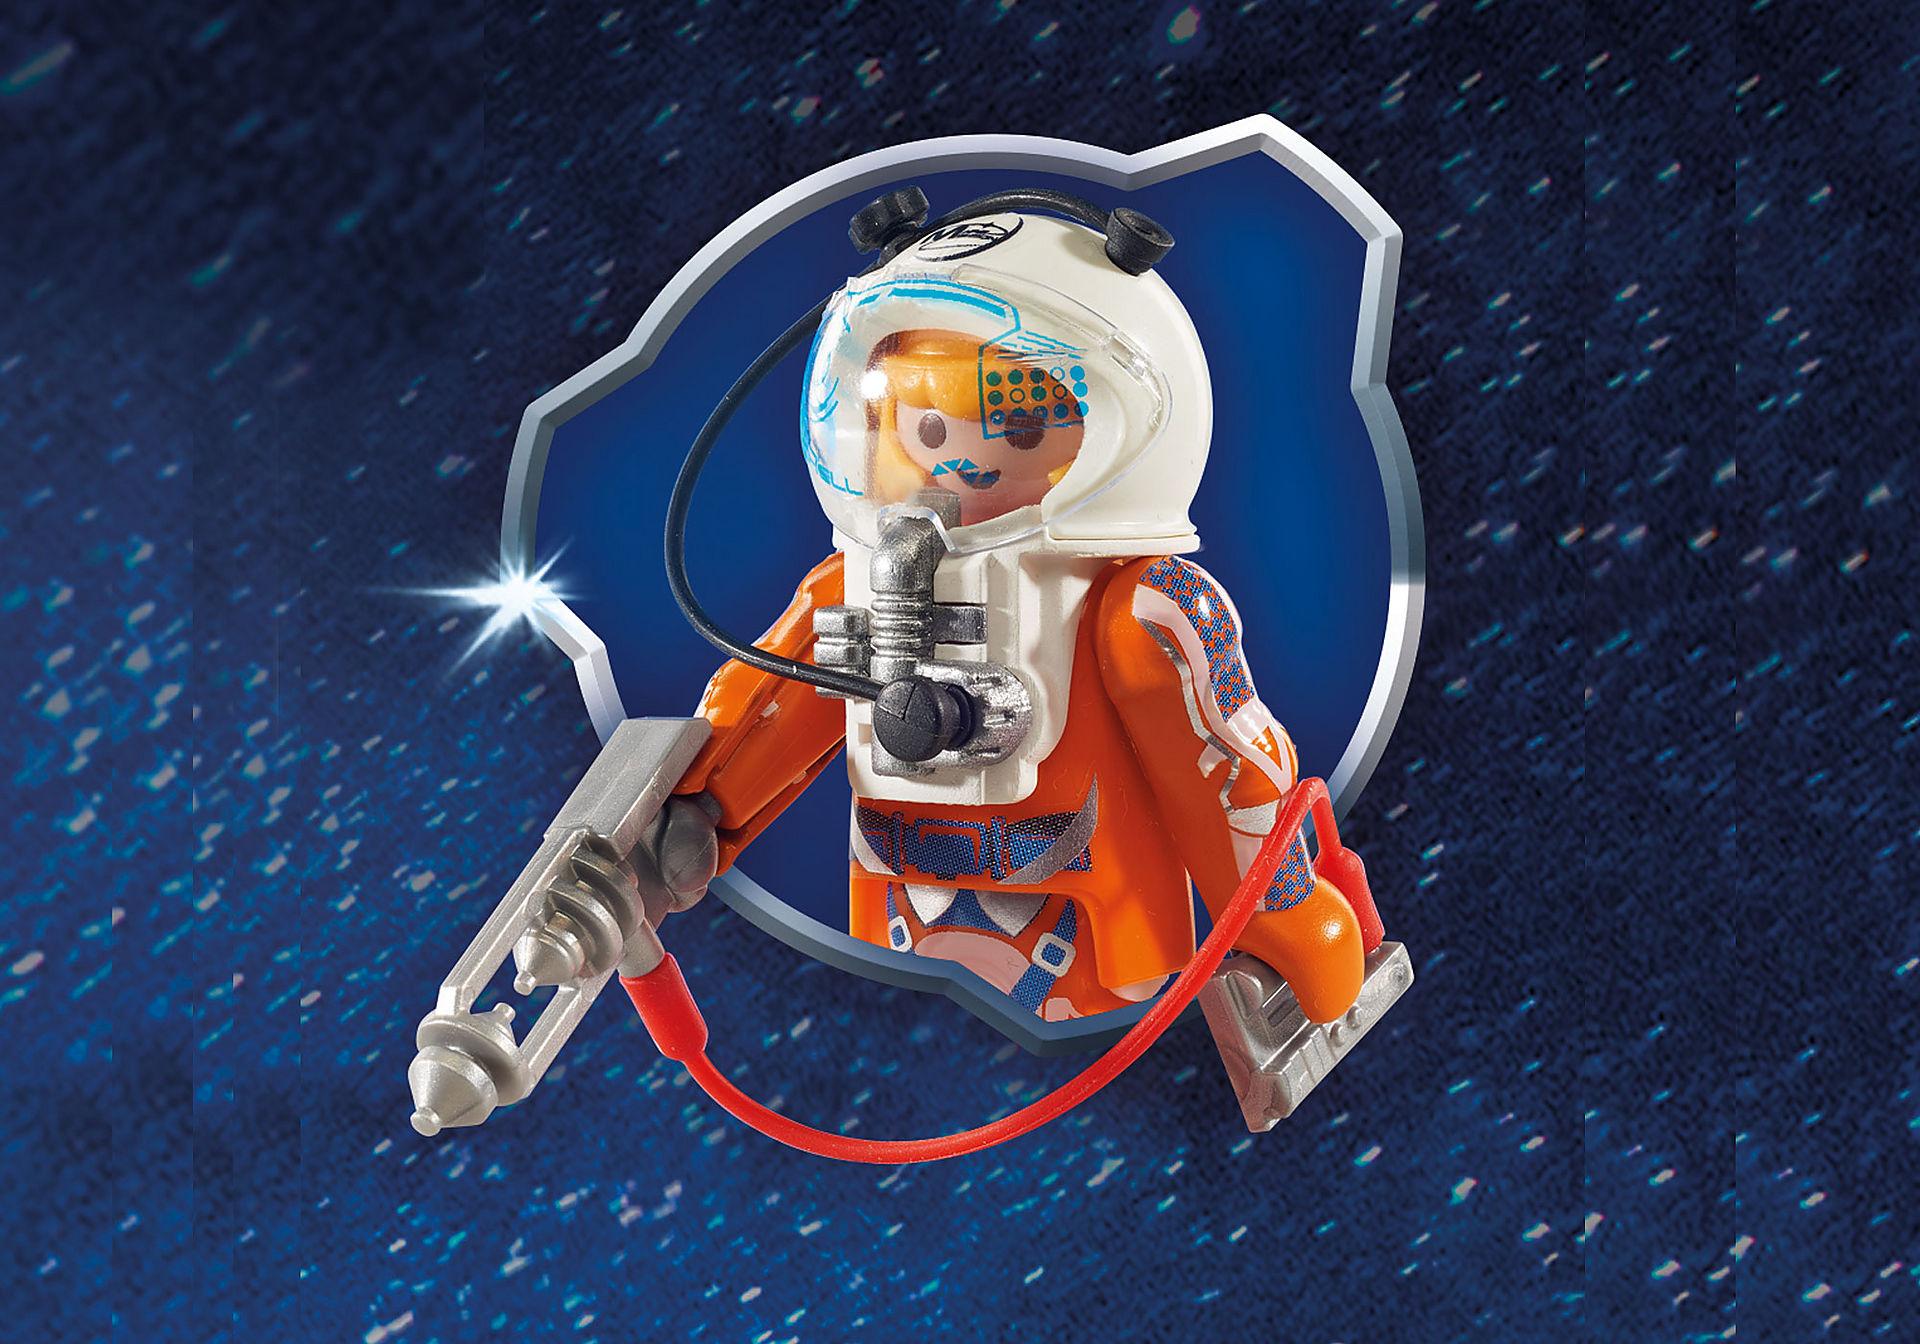 9488 Rakieta kosmiczna z rampą startową zoom image5